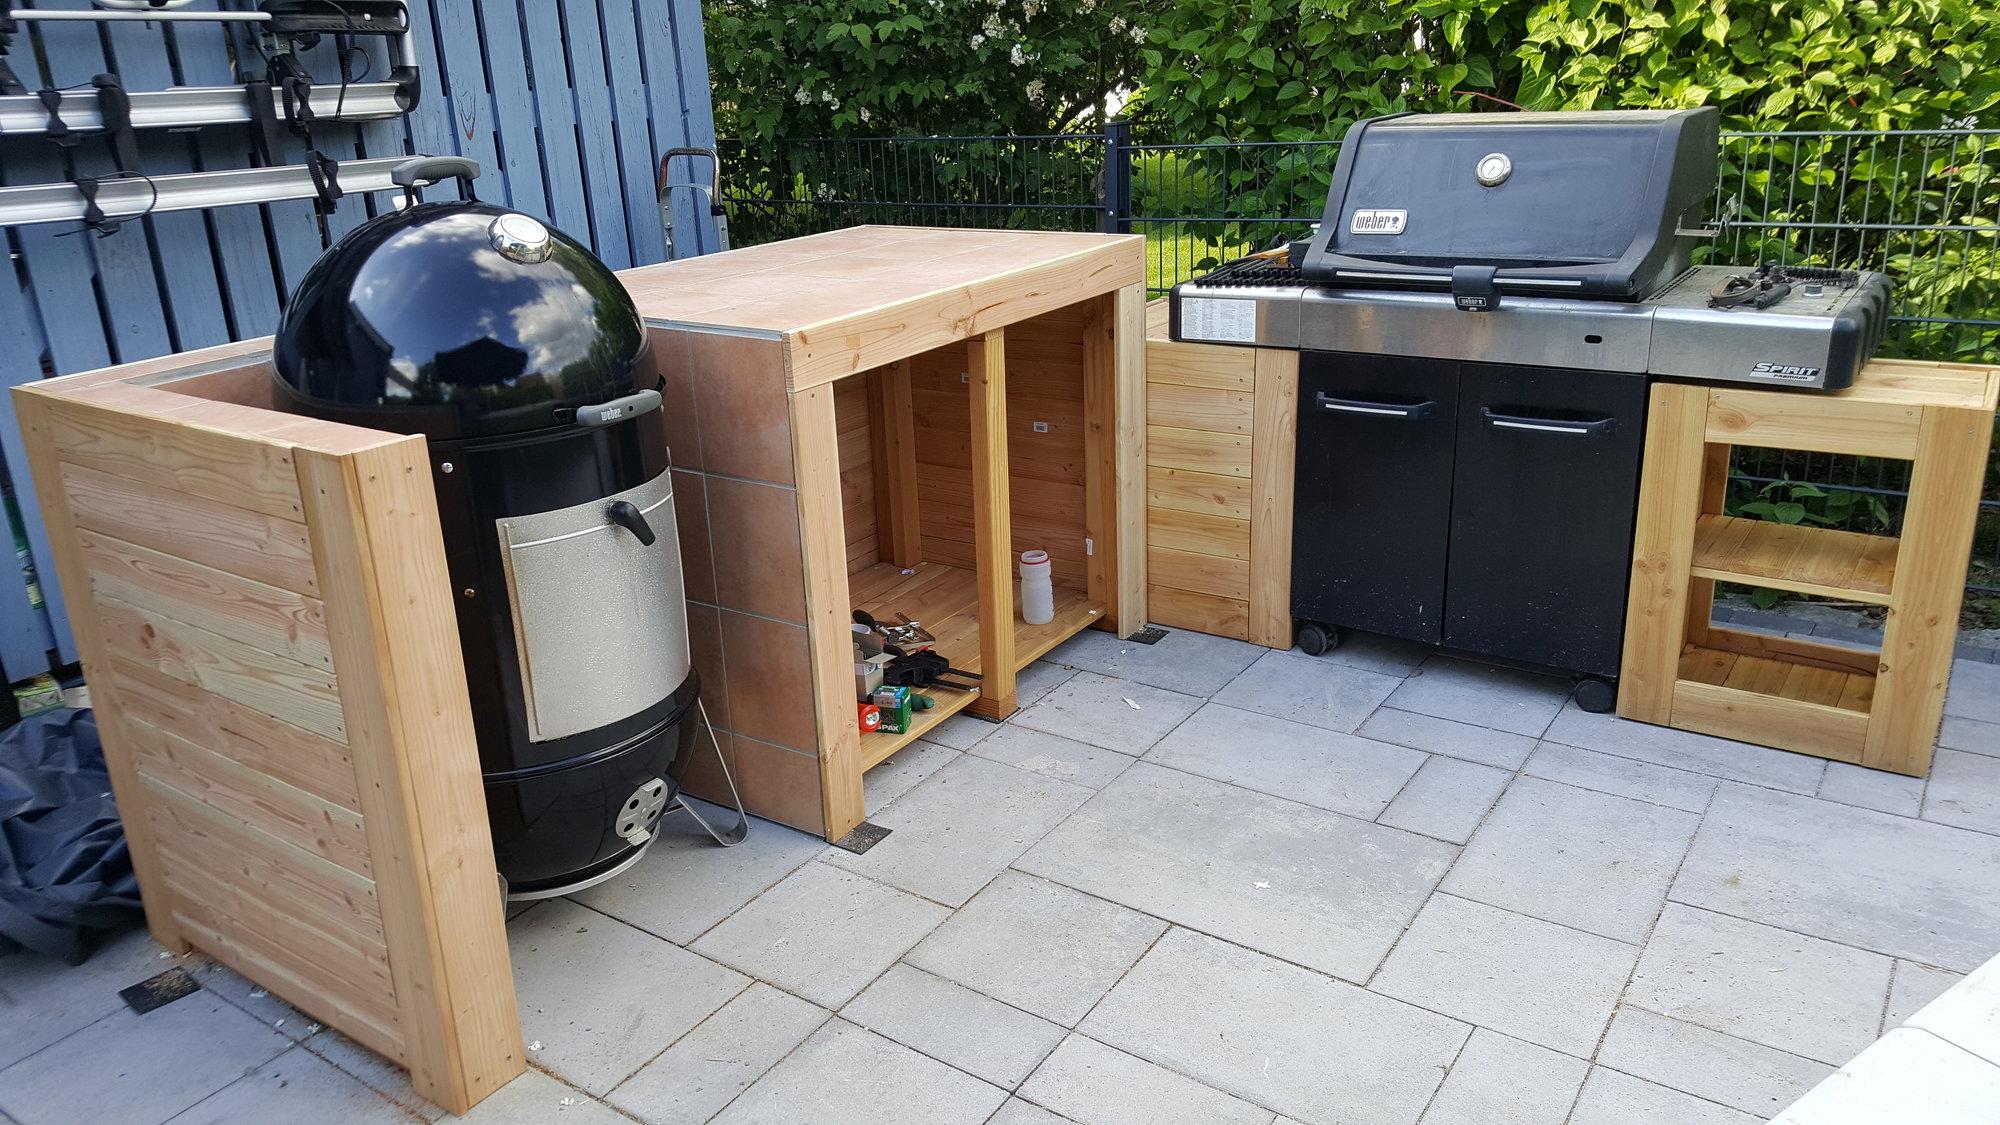 Outdoor Küche Grillsportverein : Kleine outdoorküche in holzrahmenbauweise seite grillforum